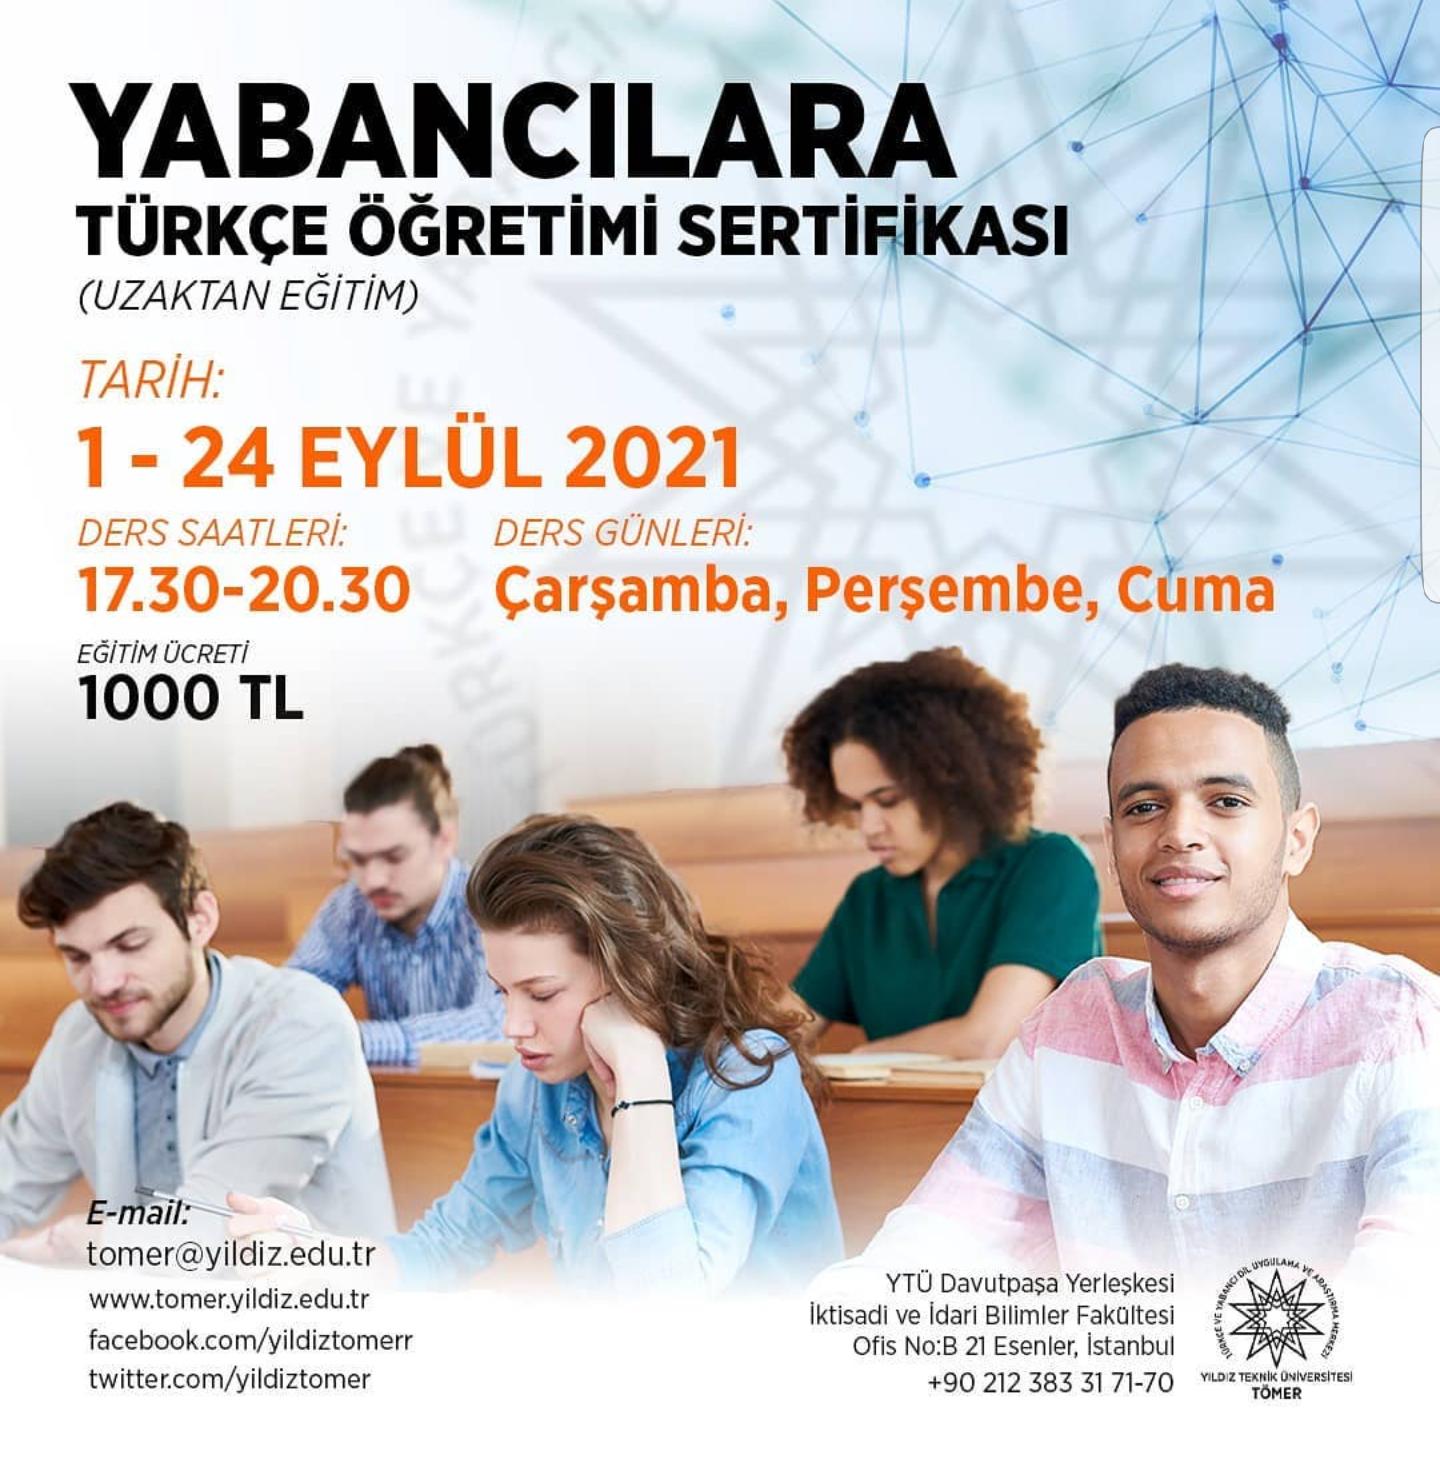 Yabancılara Türkçe Öğretimi Sertifika Programı (Uzaktan Eğitim)